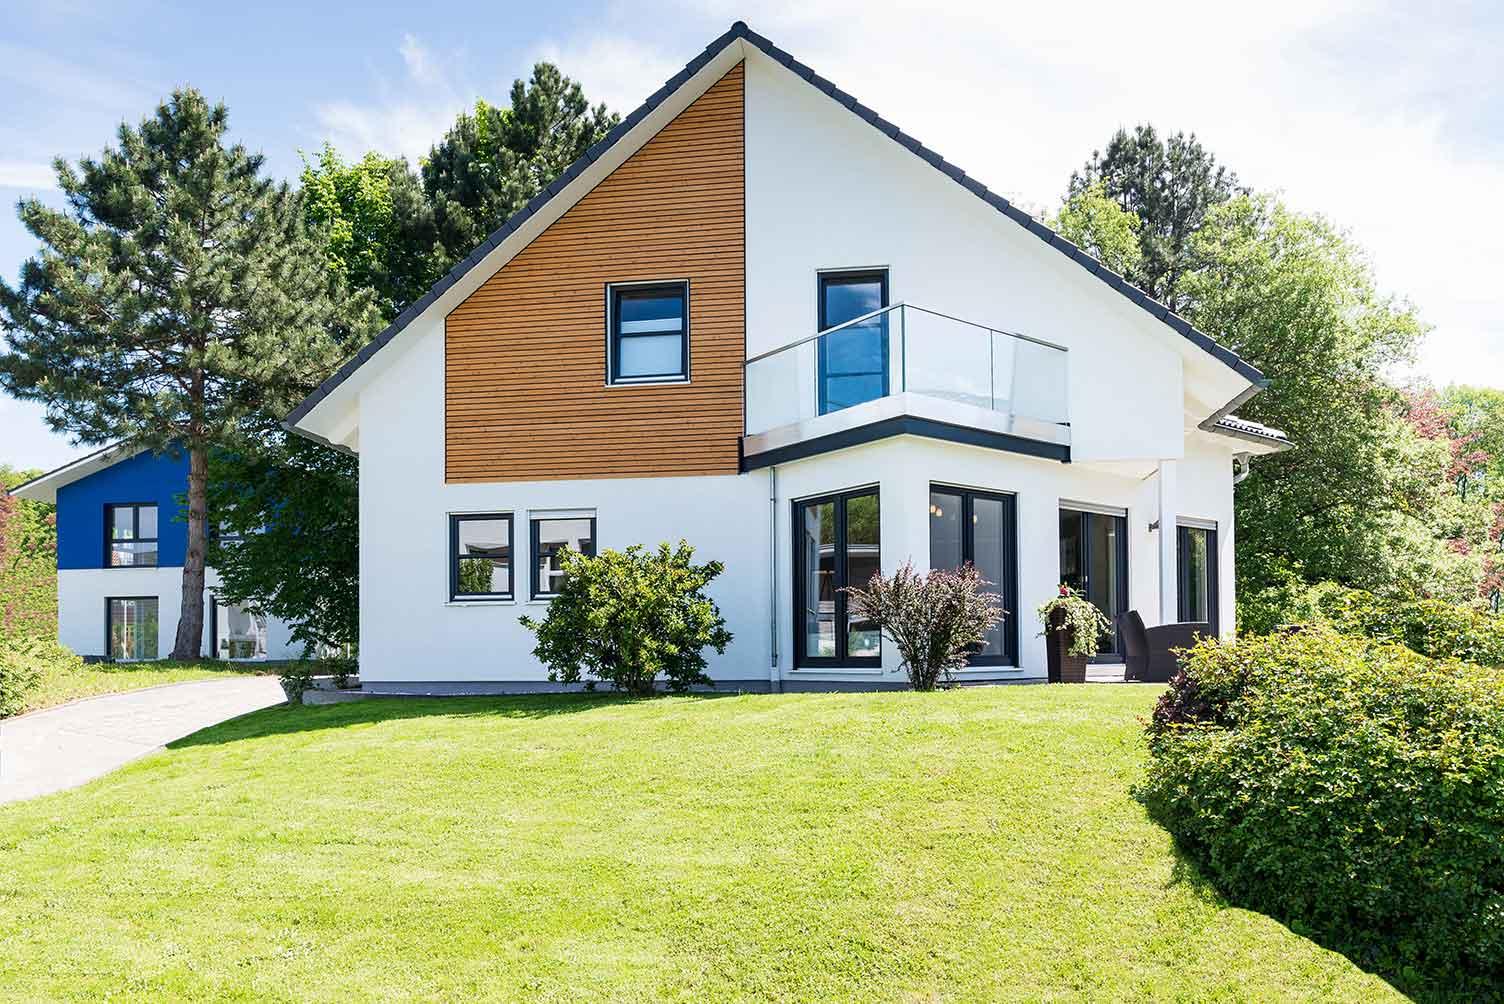 Die perfekten Fenster fürs Eigenheim sind fest in das Farbkonzept der gesamten Gestaltung eingebunden.